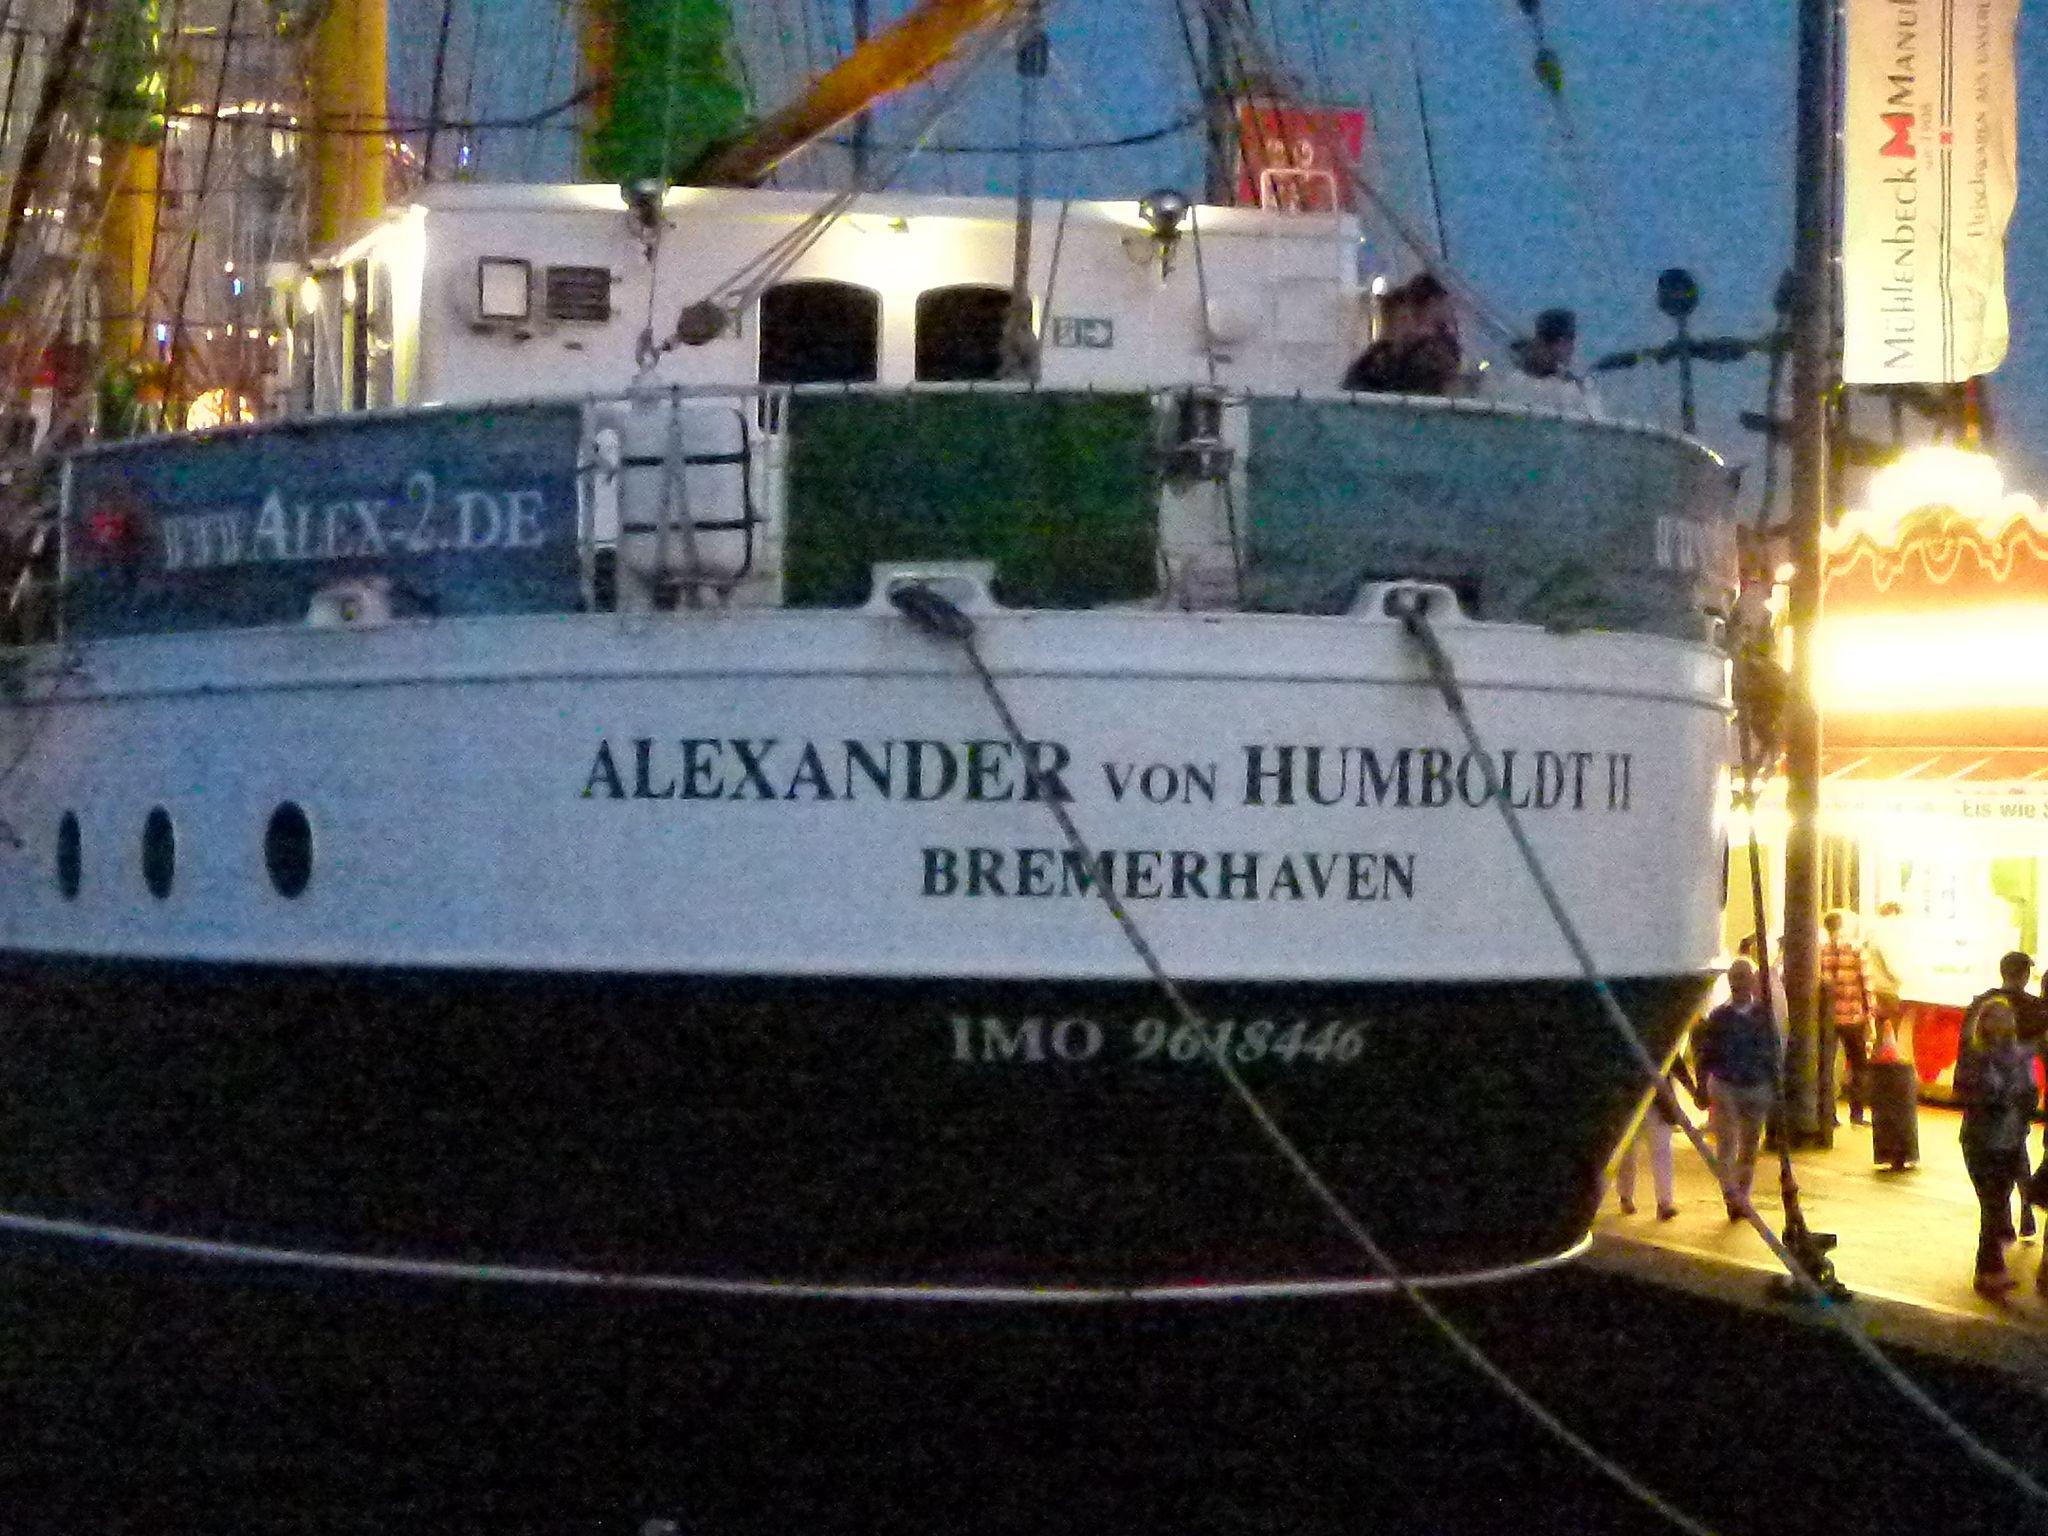 Cinemaxx Bremerhaven